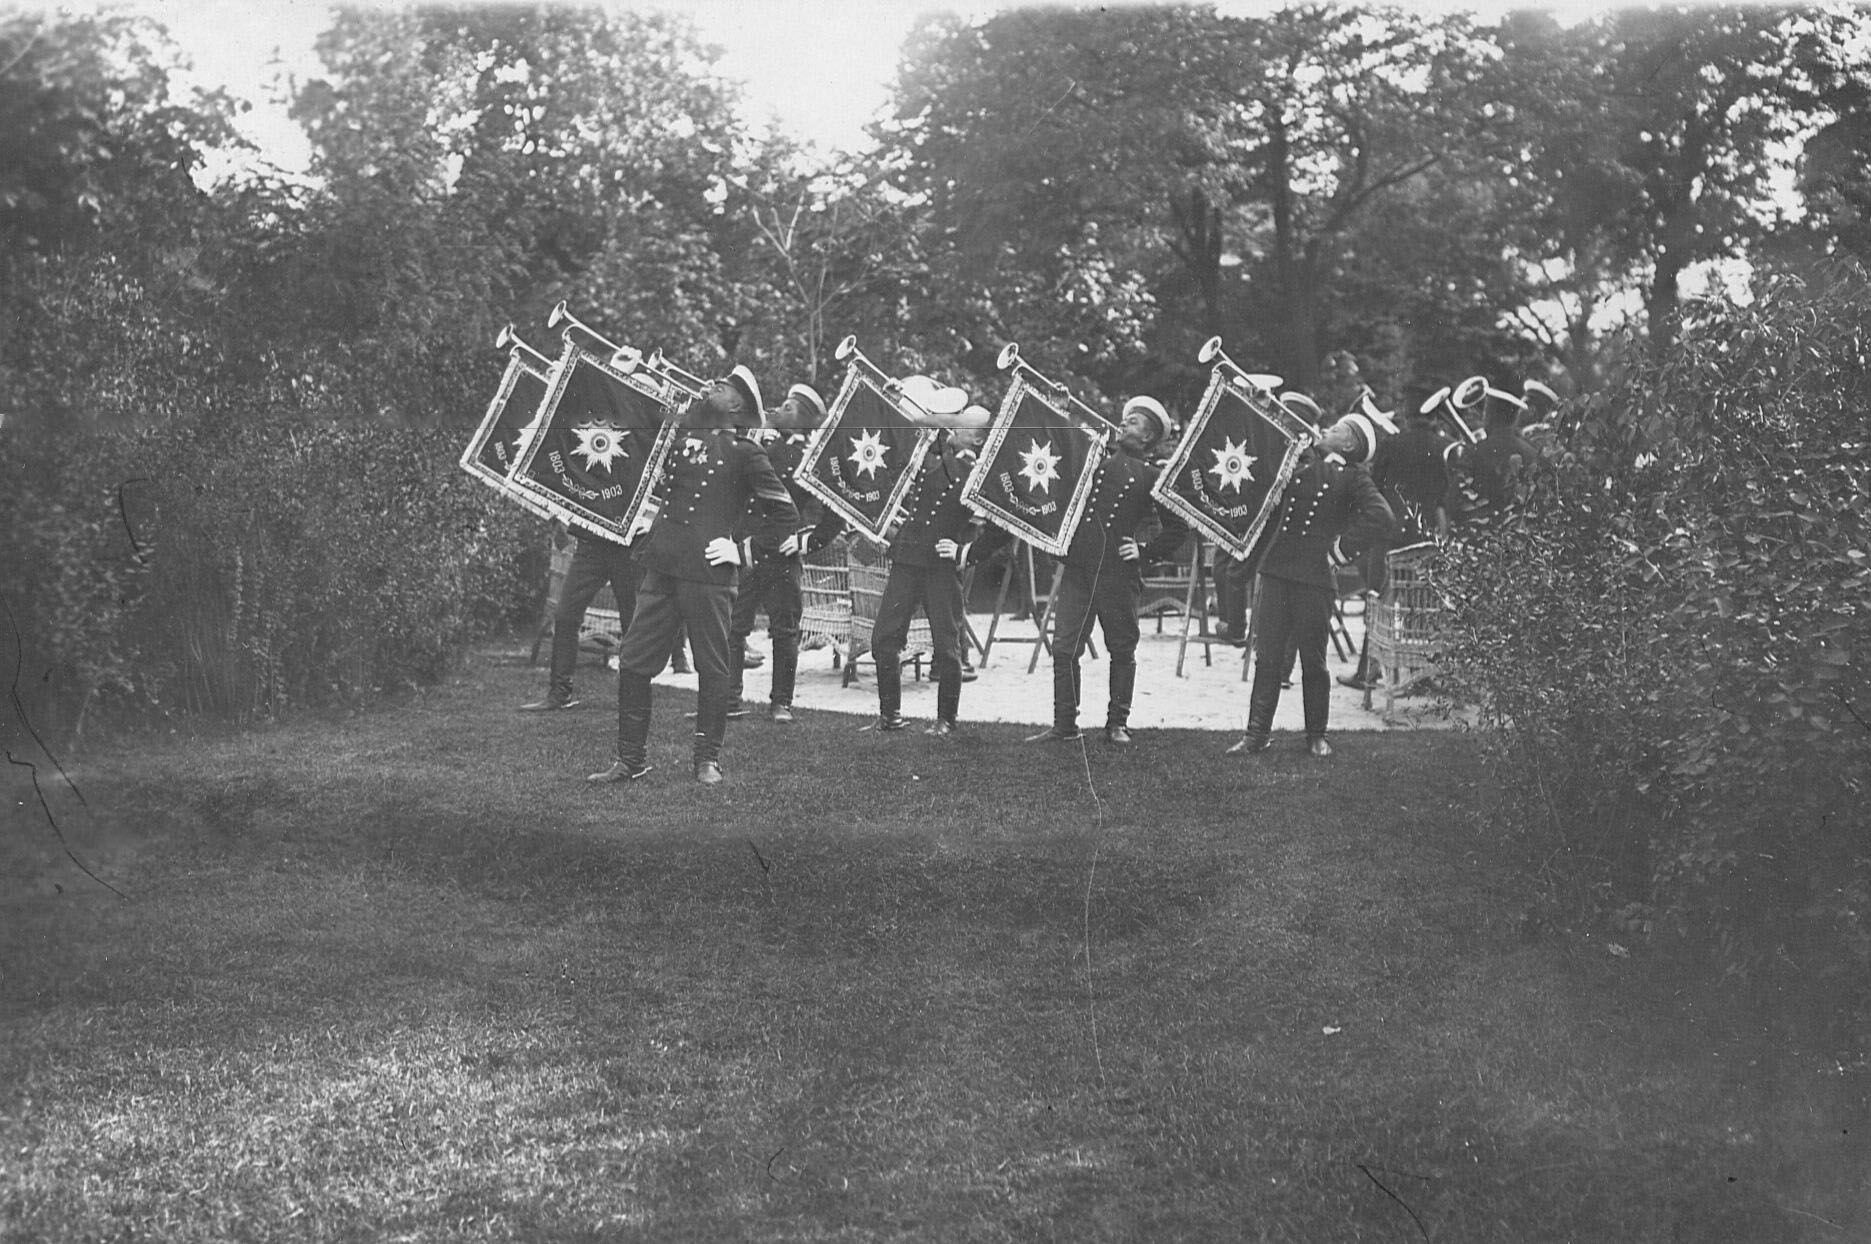 Фанфаристы в саду офицерского собрания  в день 250-летнего юбилея полка